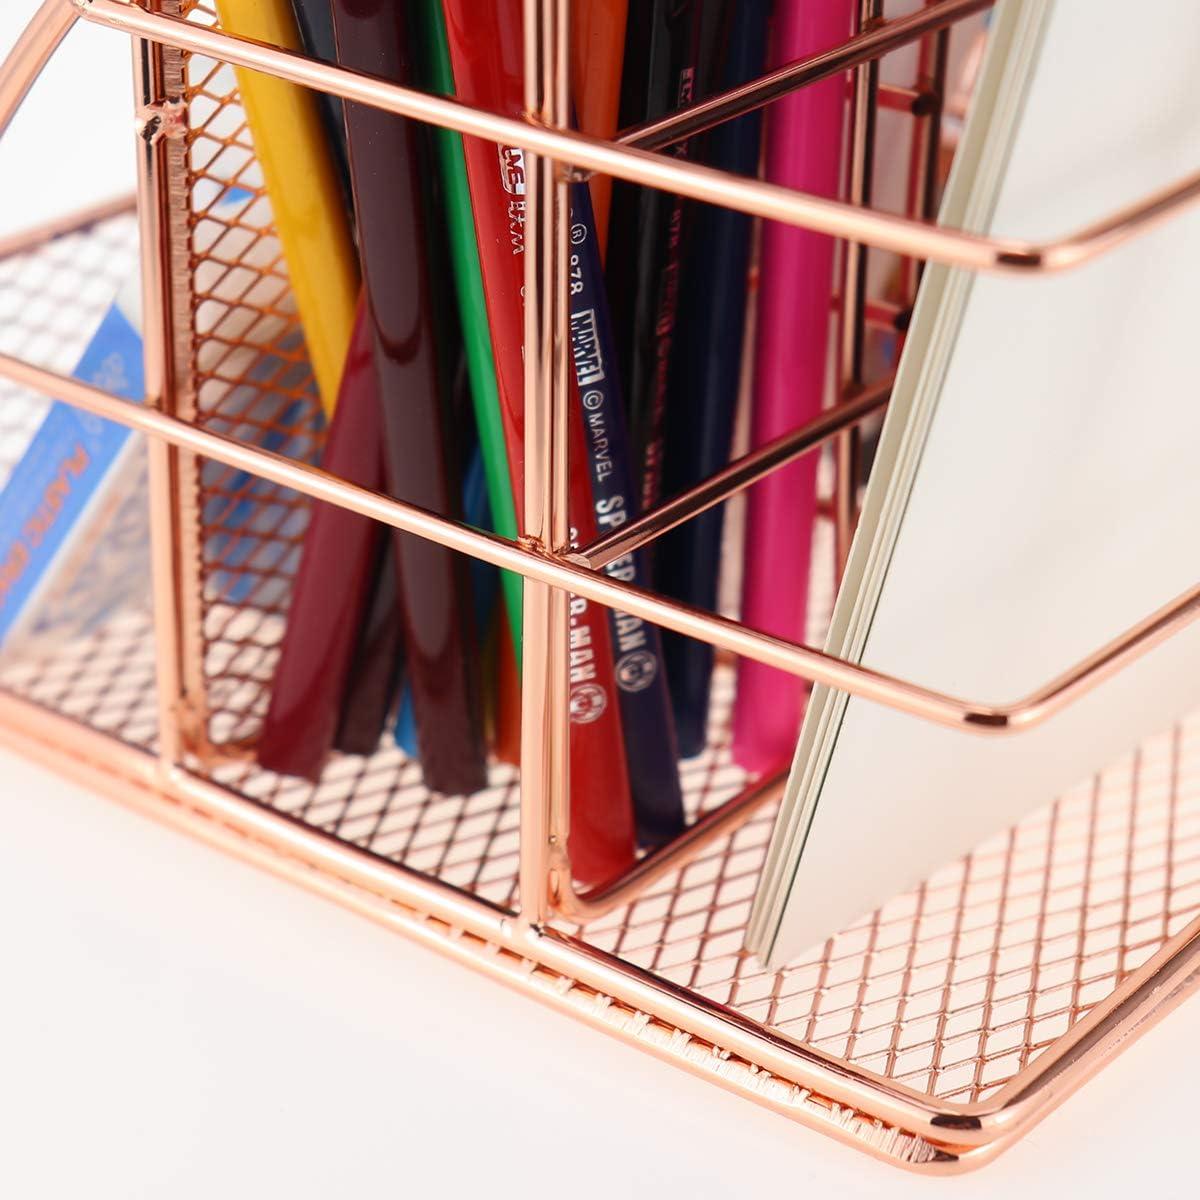 Pen Holder LEORISO Desk Organizer Supplies Gold Office Organizer with Mail Organizer Paper Organizer /& Desk Drawer Organizer School /& Home Metal Multifunctional Desktop Organizer for Office